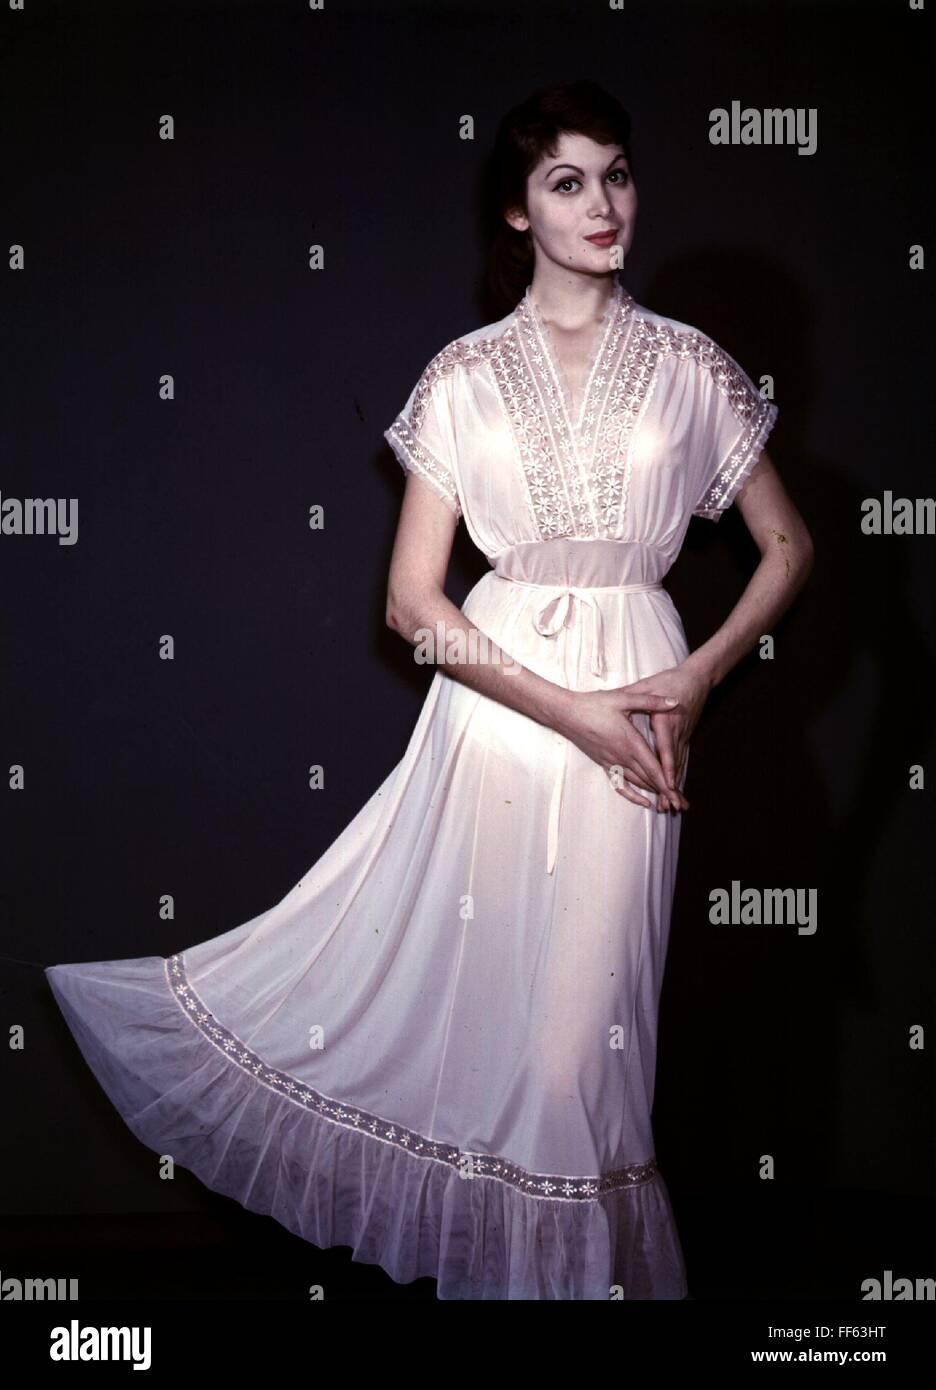 fashion, 1950s, ladies' fashion, woman wearing white nightshirt, - Stock Image